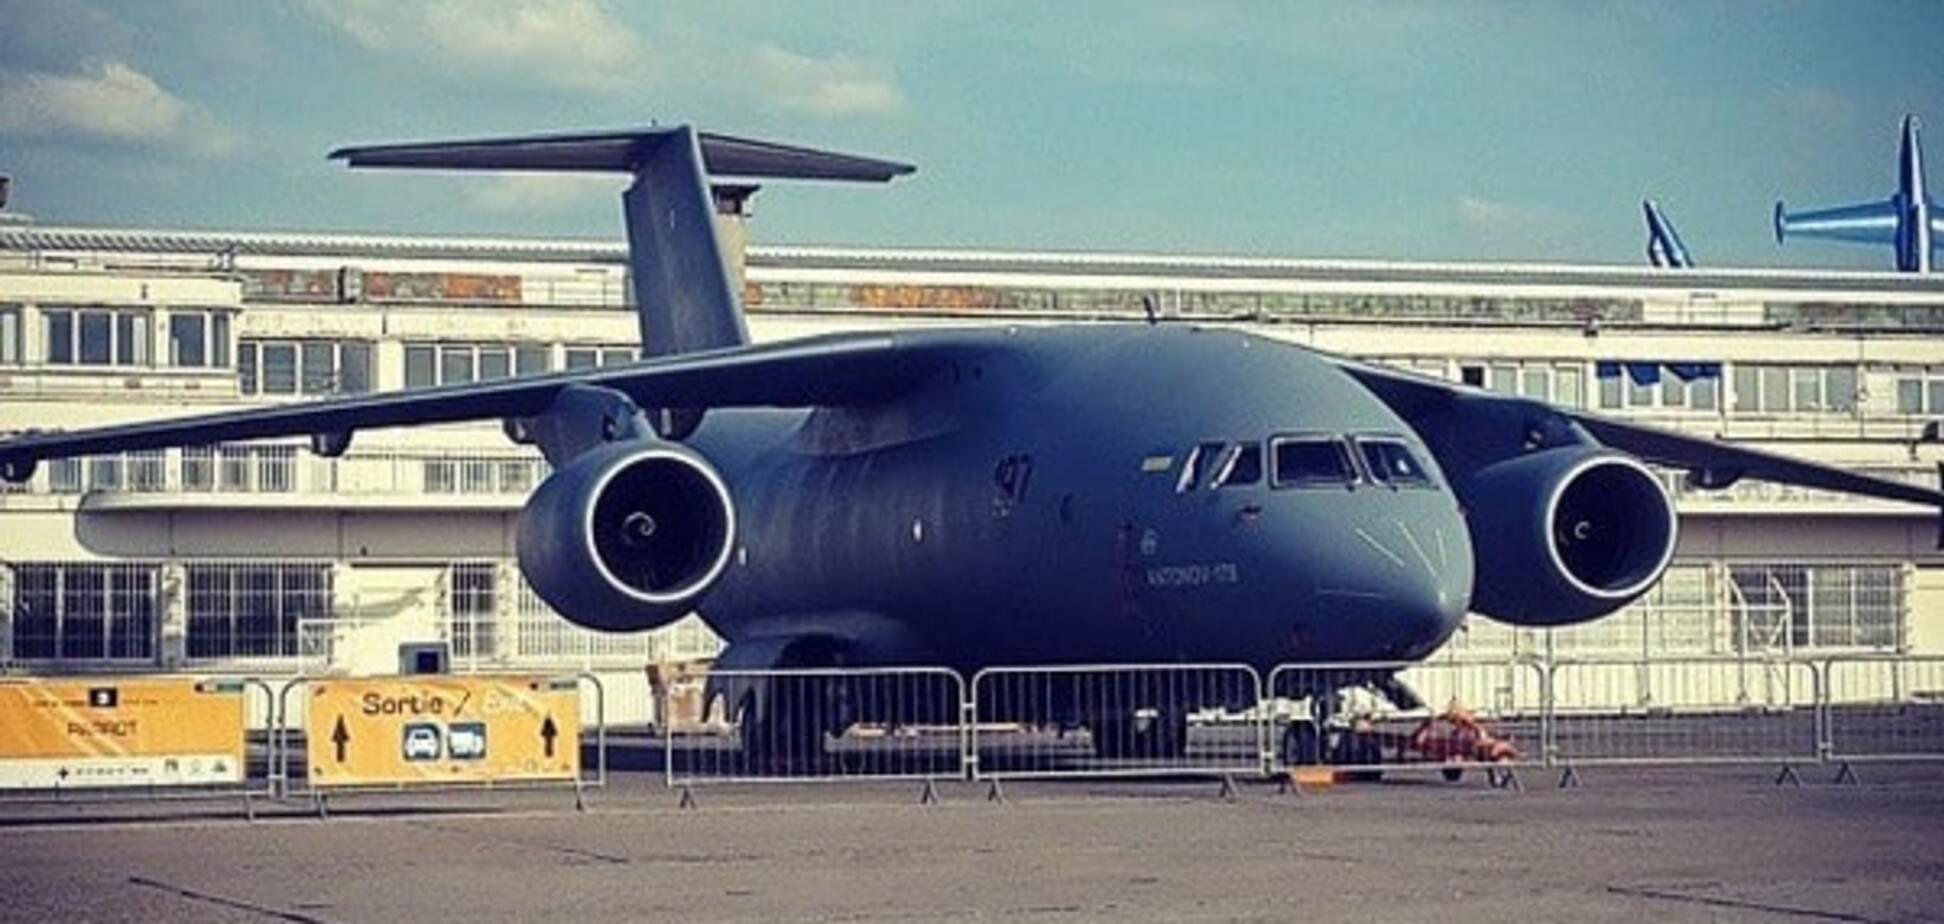 Пошли на взлет: завод 'Антонов' получил заказ на 60 самолетов